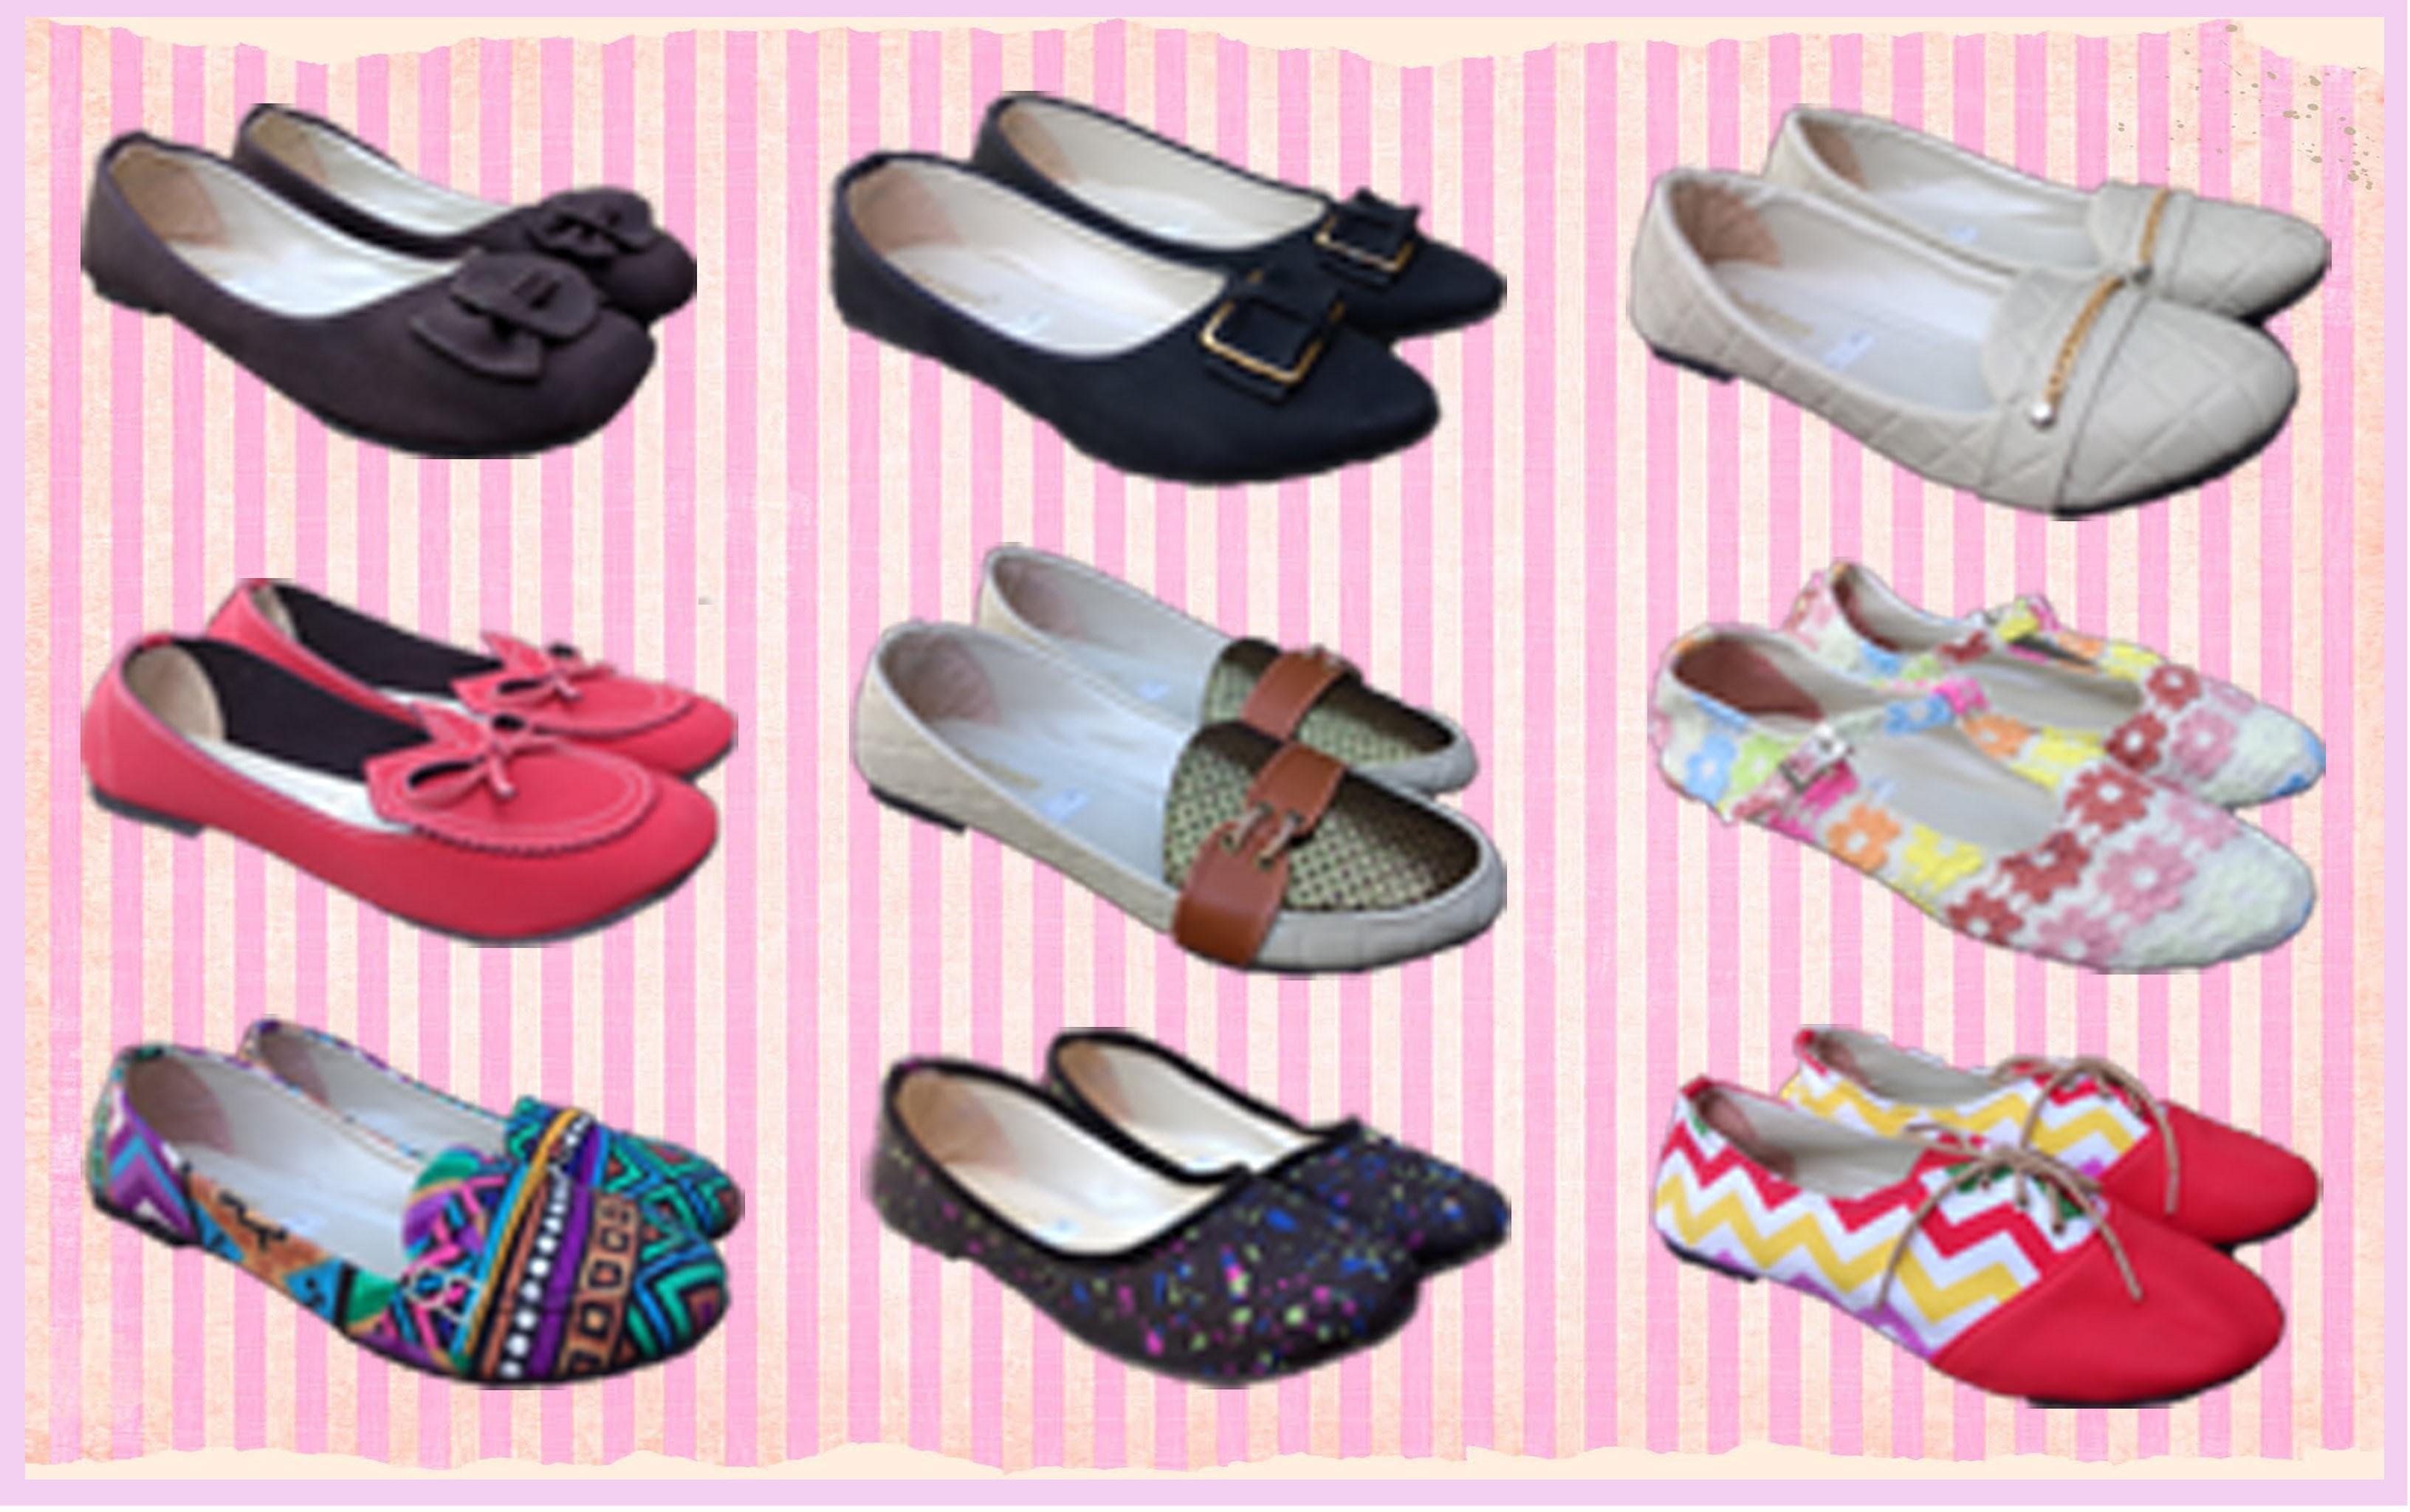 Flat Shoes Cantik, Sepatu Flat Wanita, Flat Shoes Handmade